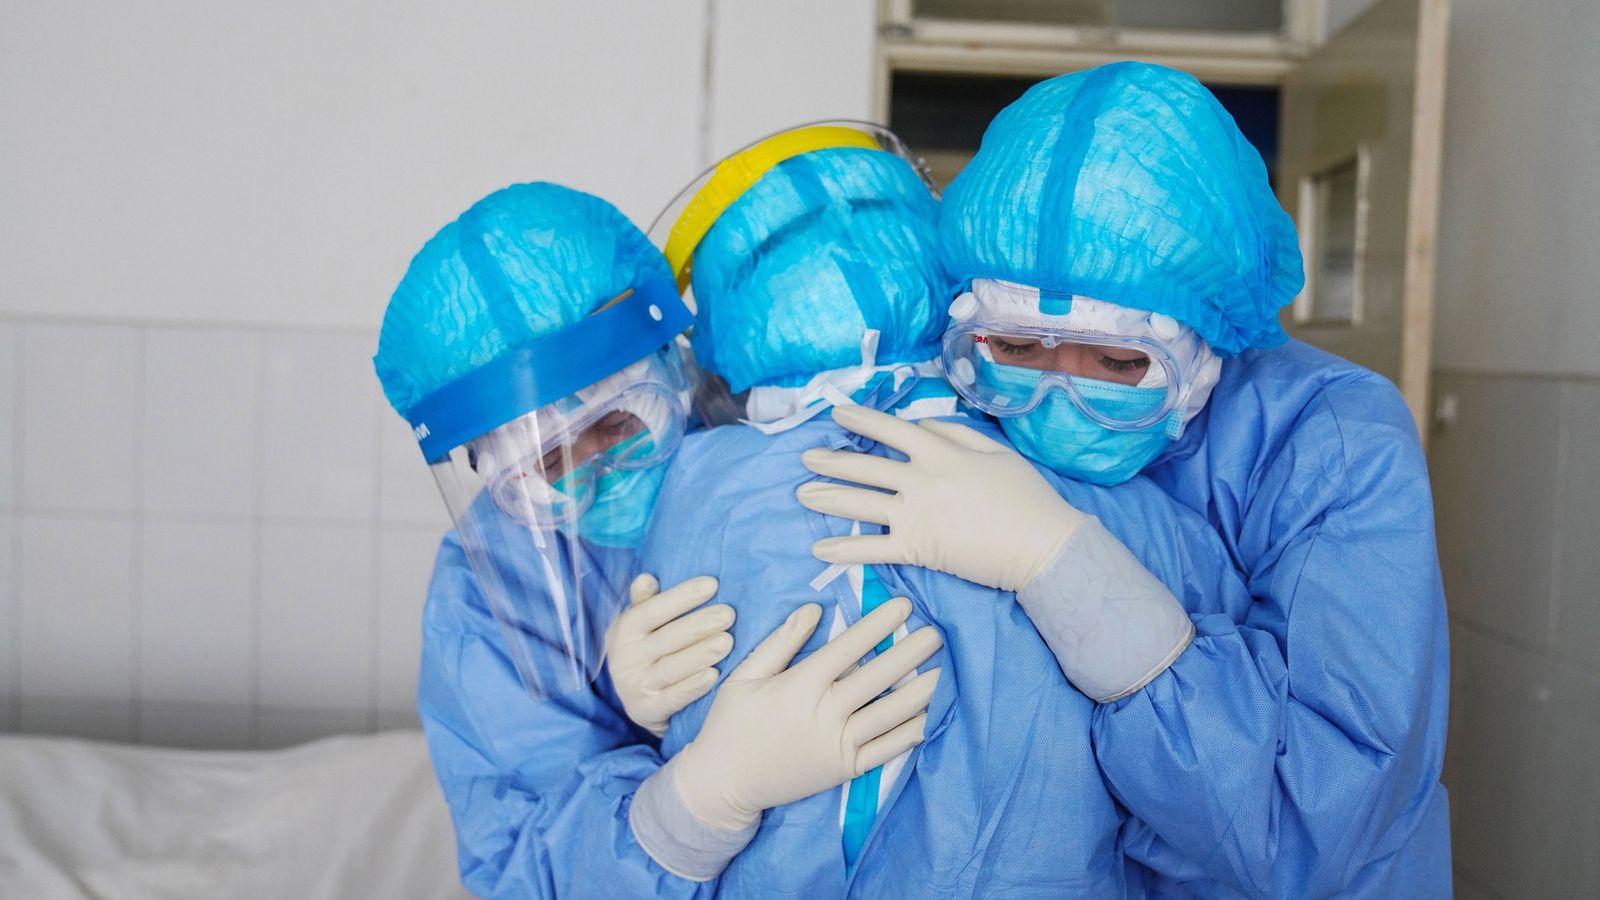 Coronavirus : que se passe-t-il dans votre corps si vous en êtes atteint ?